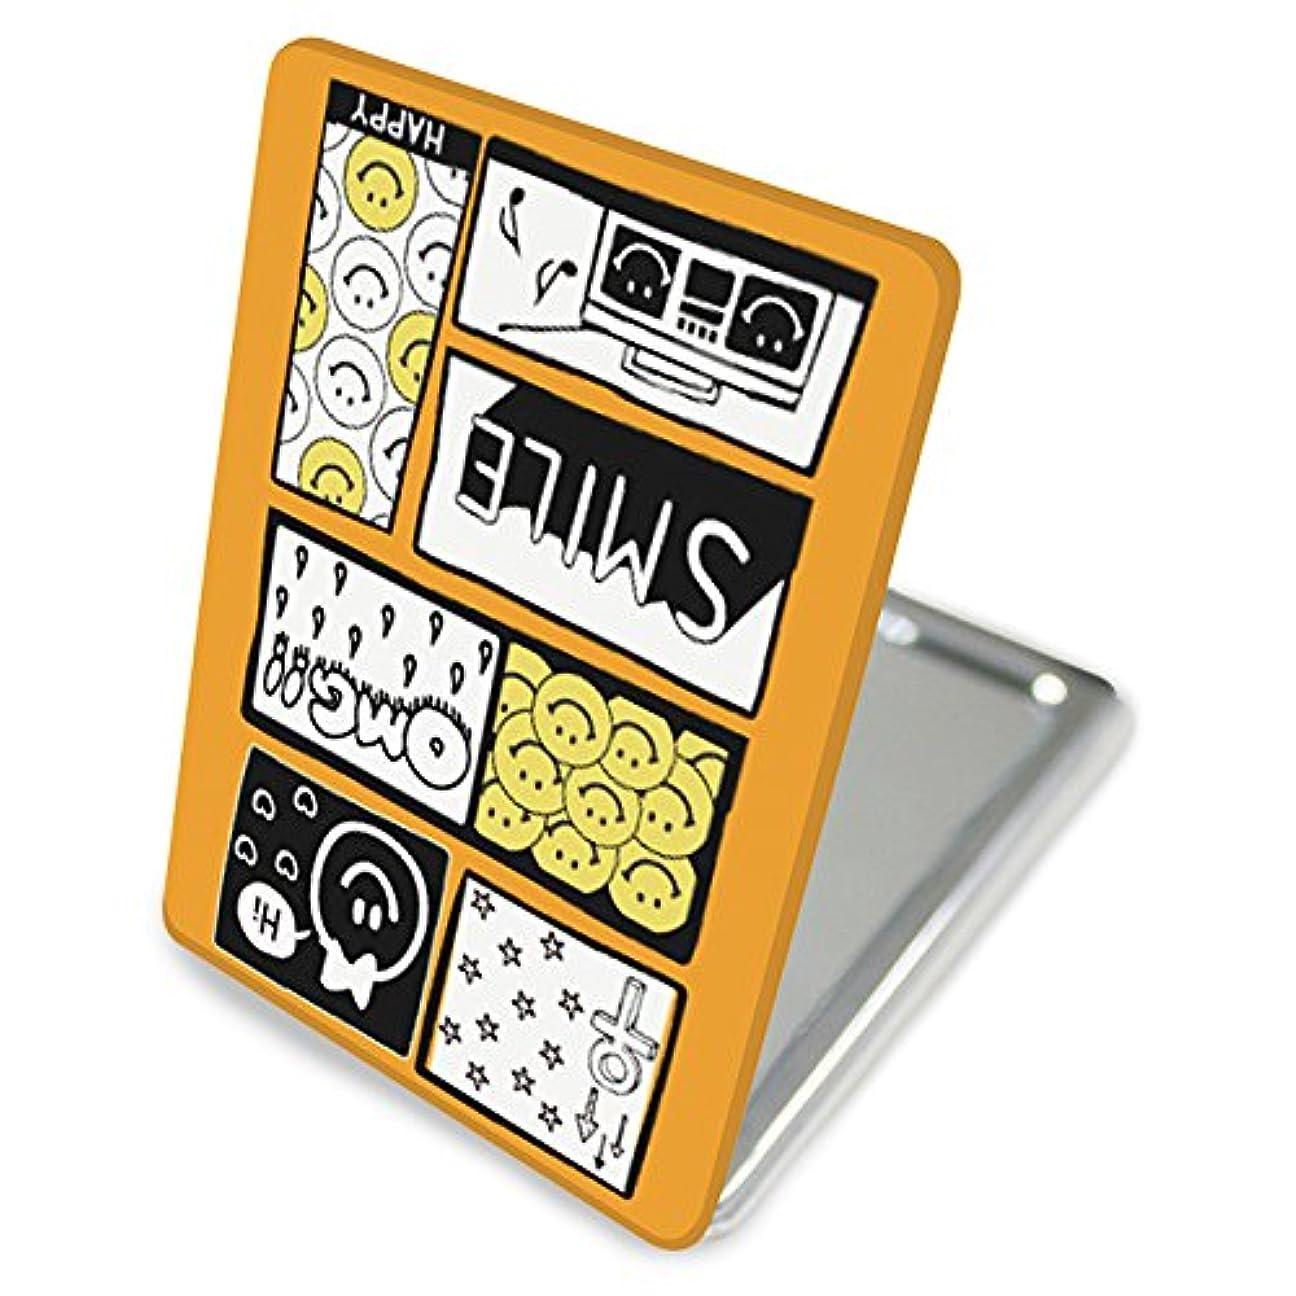 週間祝福ぼんやりした(カリーナ) Carine 手鏡 コンパクトミラー ハンドミラー 拡大鏡付 持ち歩きに便利 かわいい kgm010(E) スマイル ポップ デザイン ニコちゃん